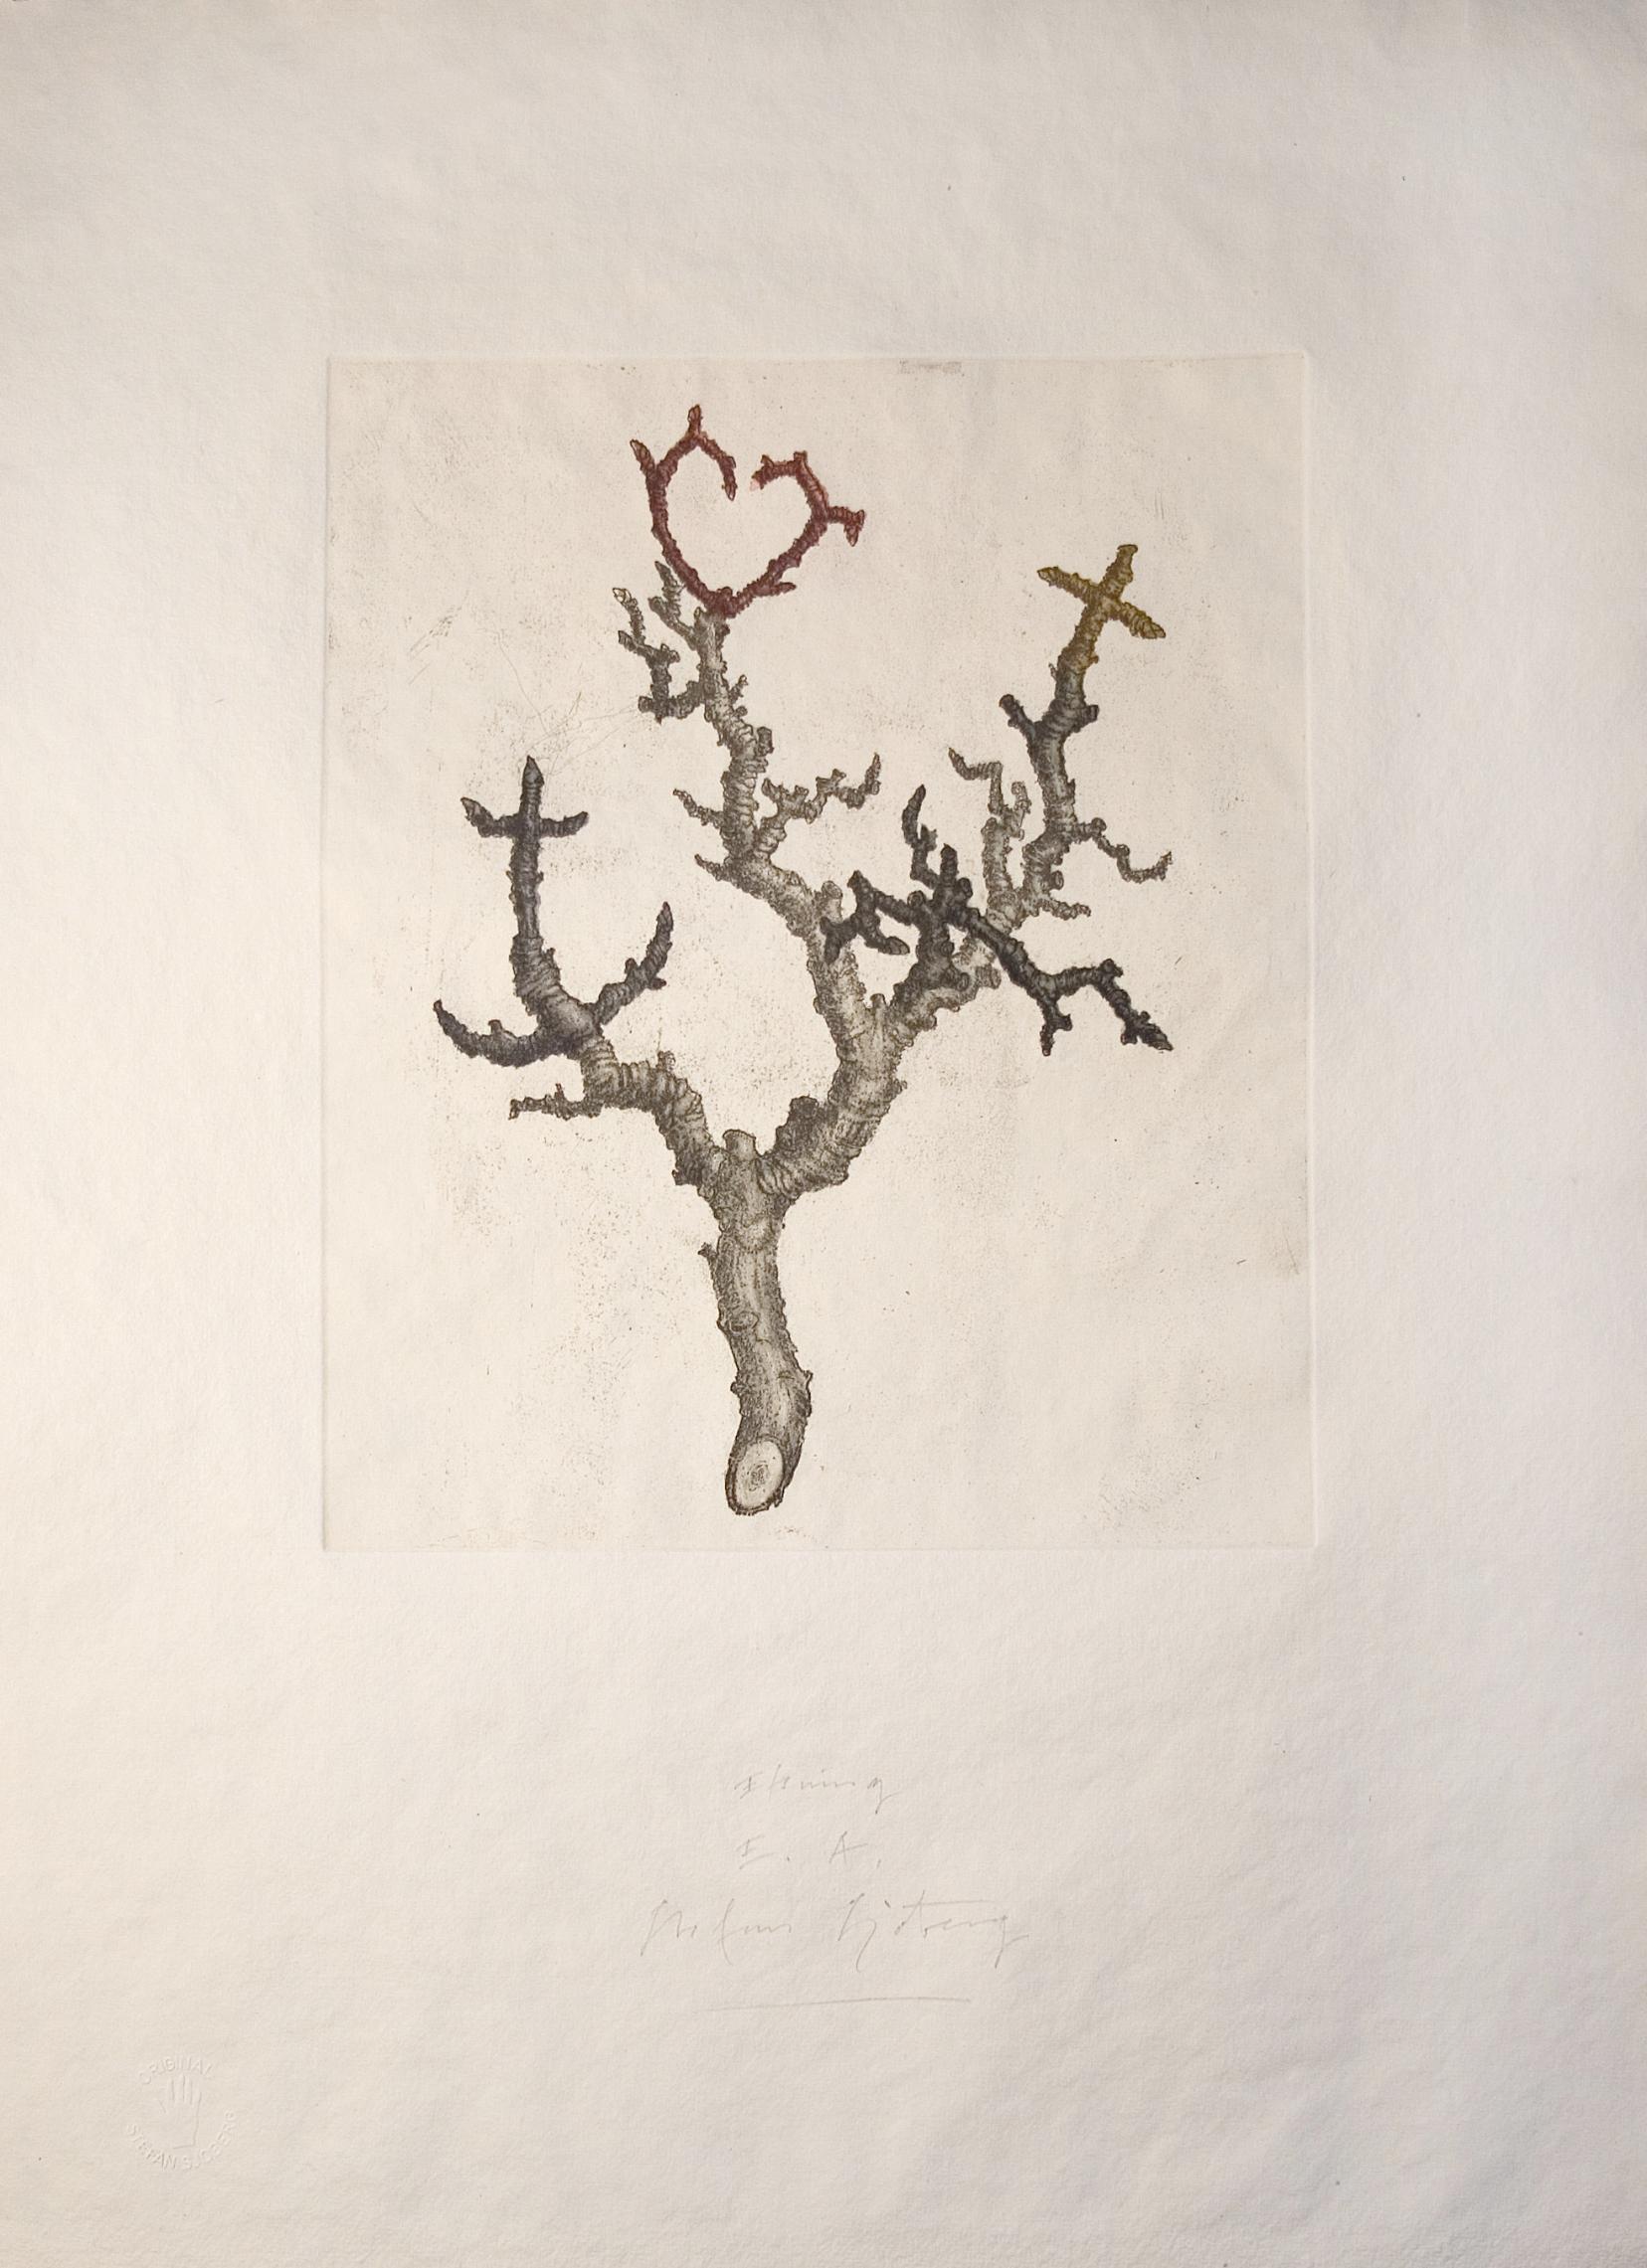 Tro-hopp-kärlek i naturen (8).jpg